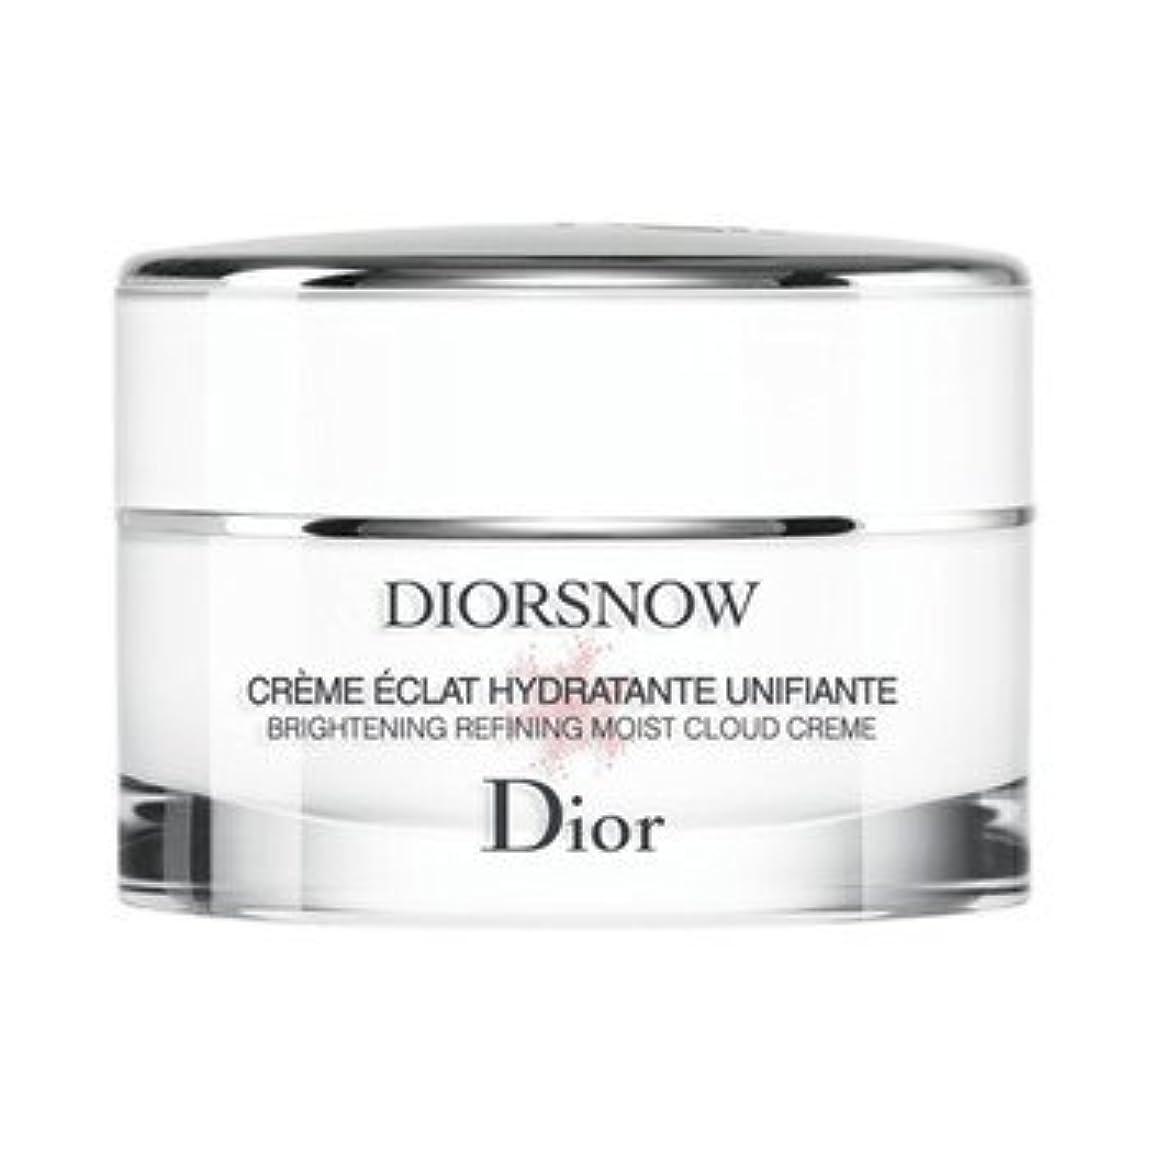 果てしない可動ナイトスポットChiristian Dior クリスチャン ディオール DIOR SNOW ディオール スノー ブライトニング モイスト クリーム 50ml (医薬部外品)【国内正規品】